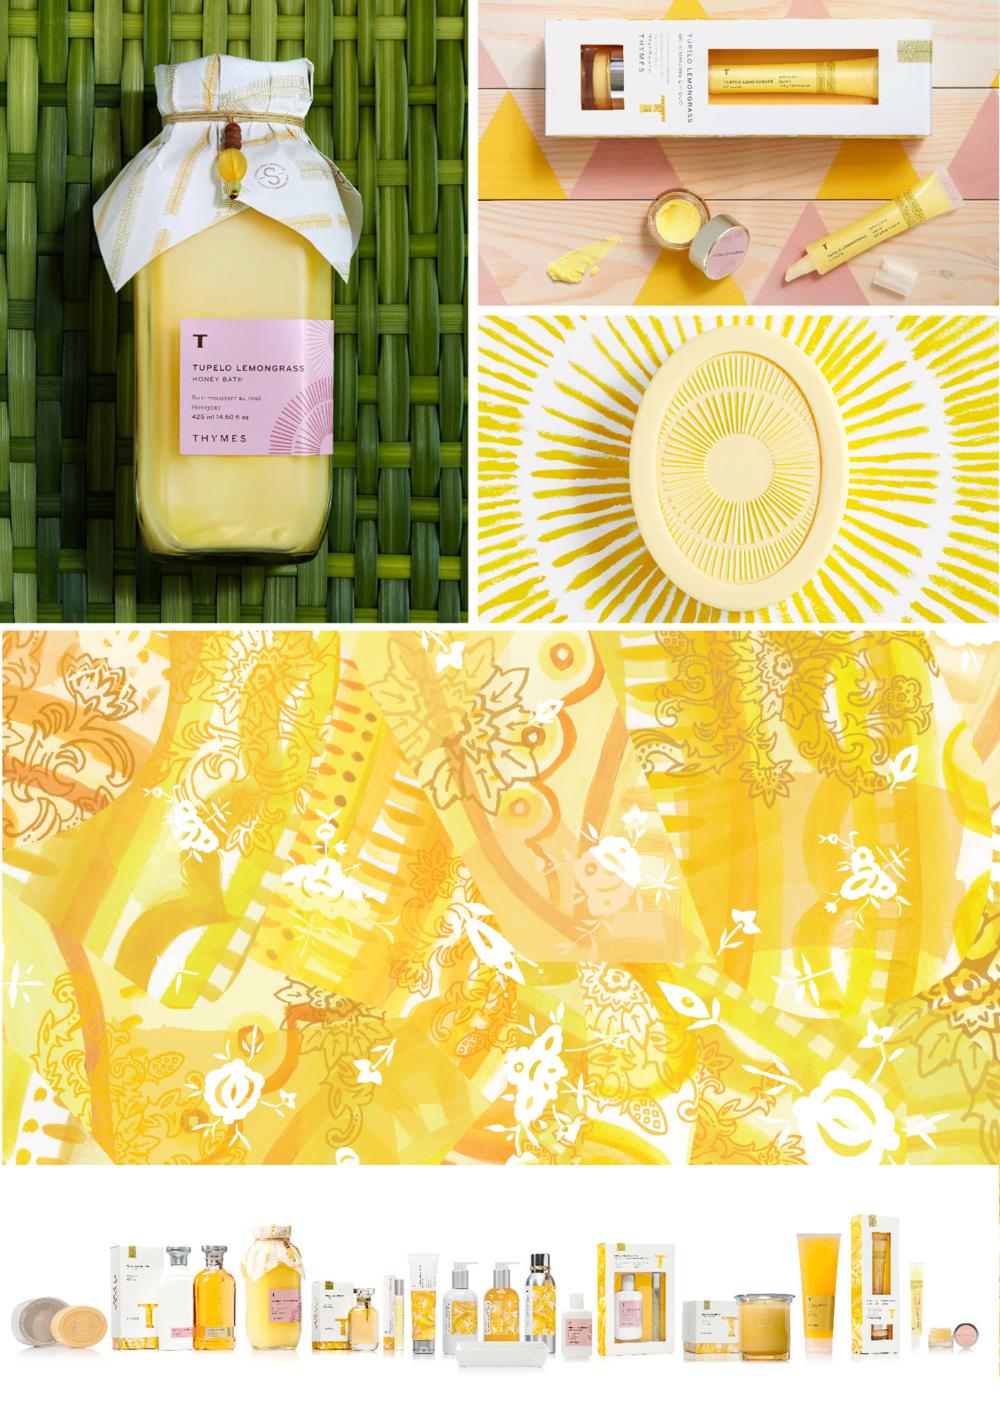 ThymesTupelo Lemongrass_1340x.jpg